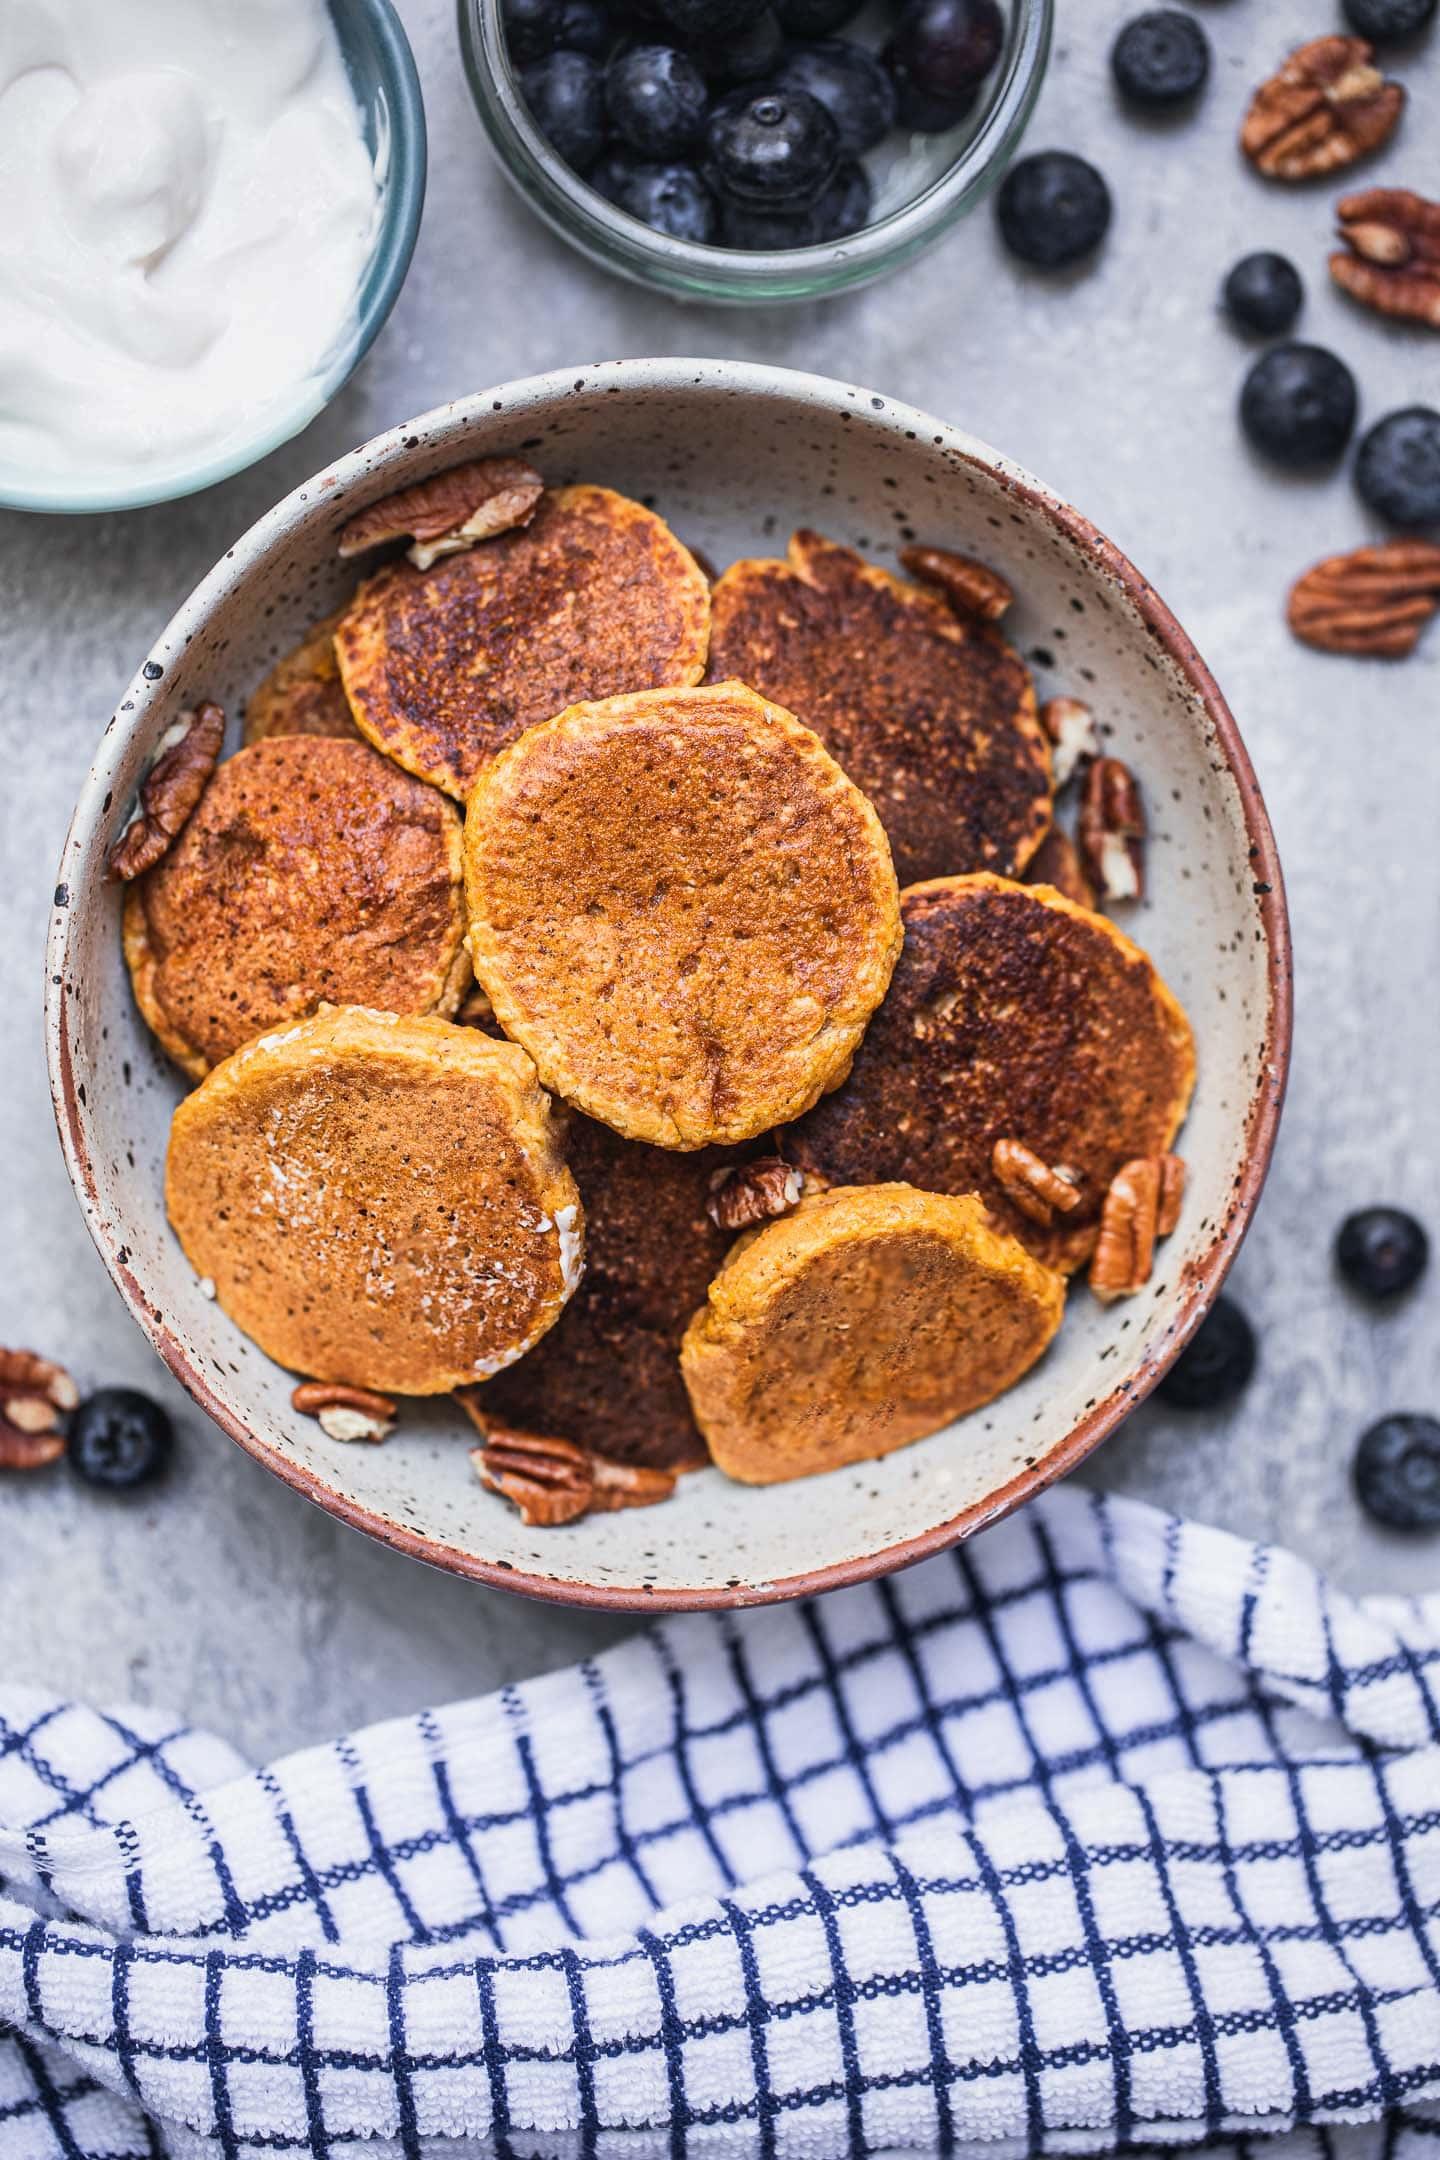 Mini sweet potato pancakes in a bowl